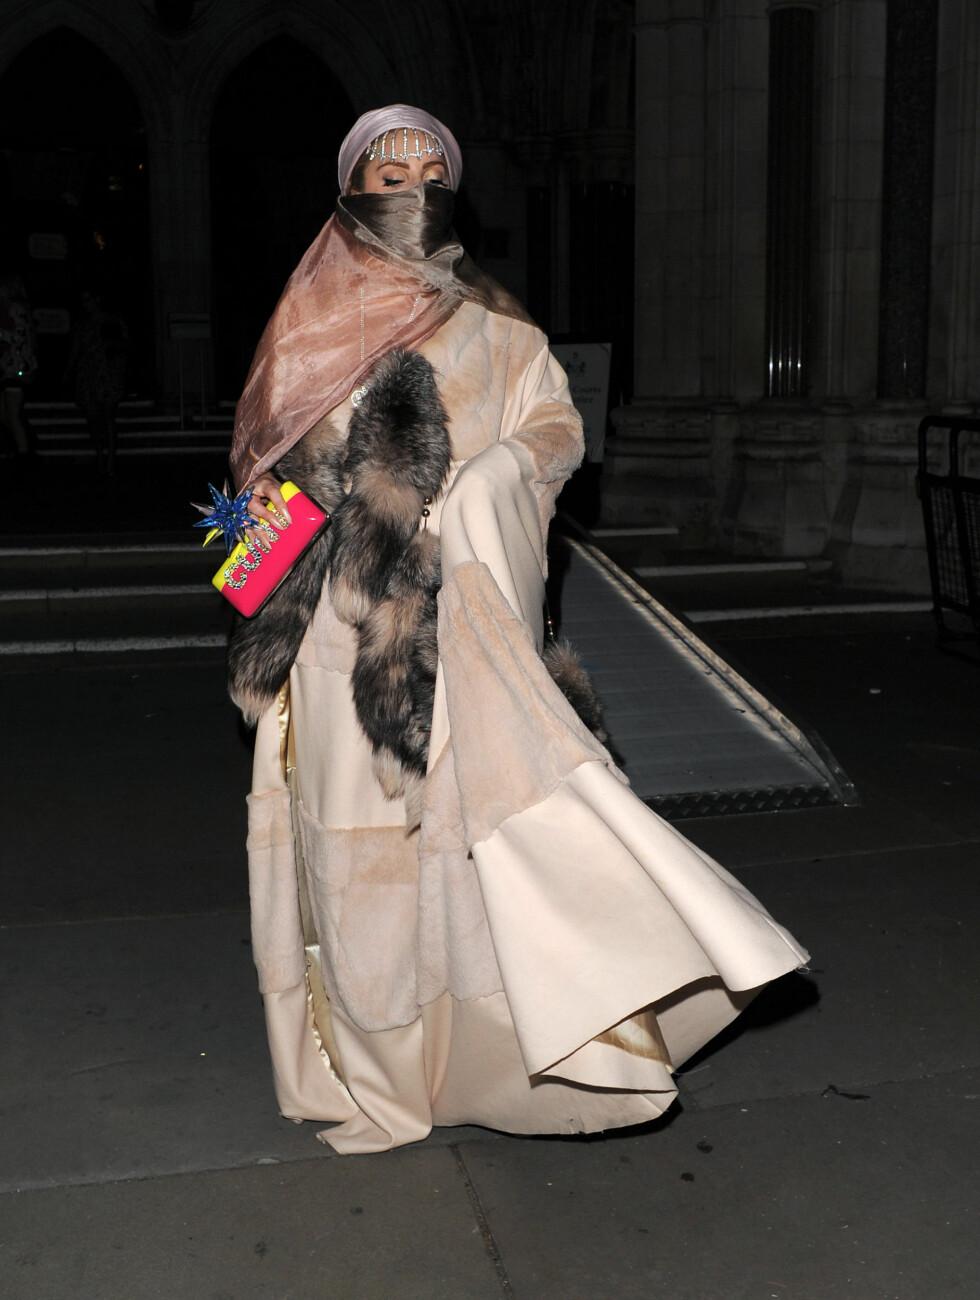 KOMFORTABELT: Lady Gaga forlot Philip Treacy-showet i et Østen-inspirert antrekk som ut til å være satt sammen av deilige pledd og skjerf.  Foto: All Over Press